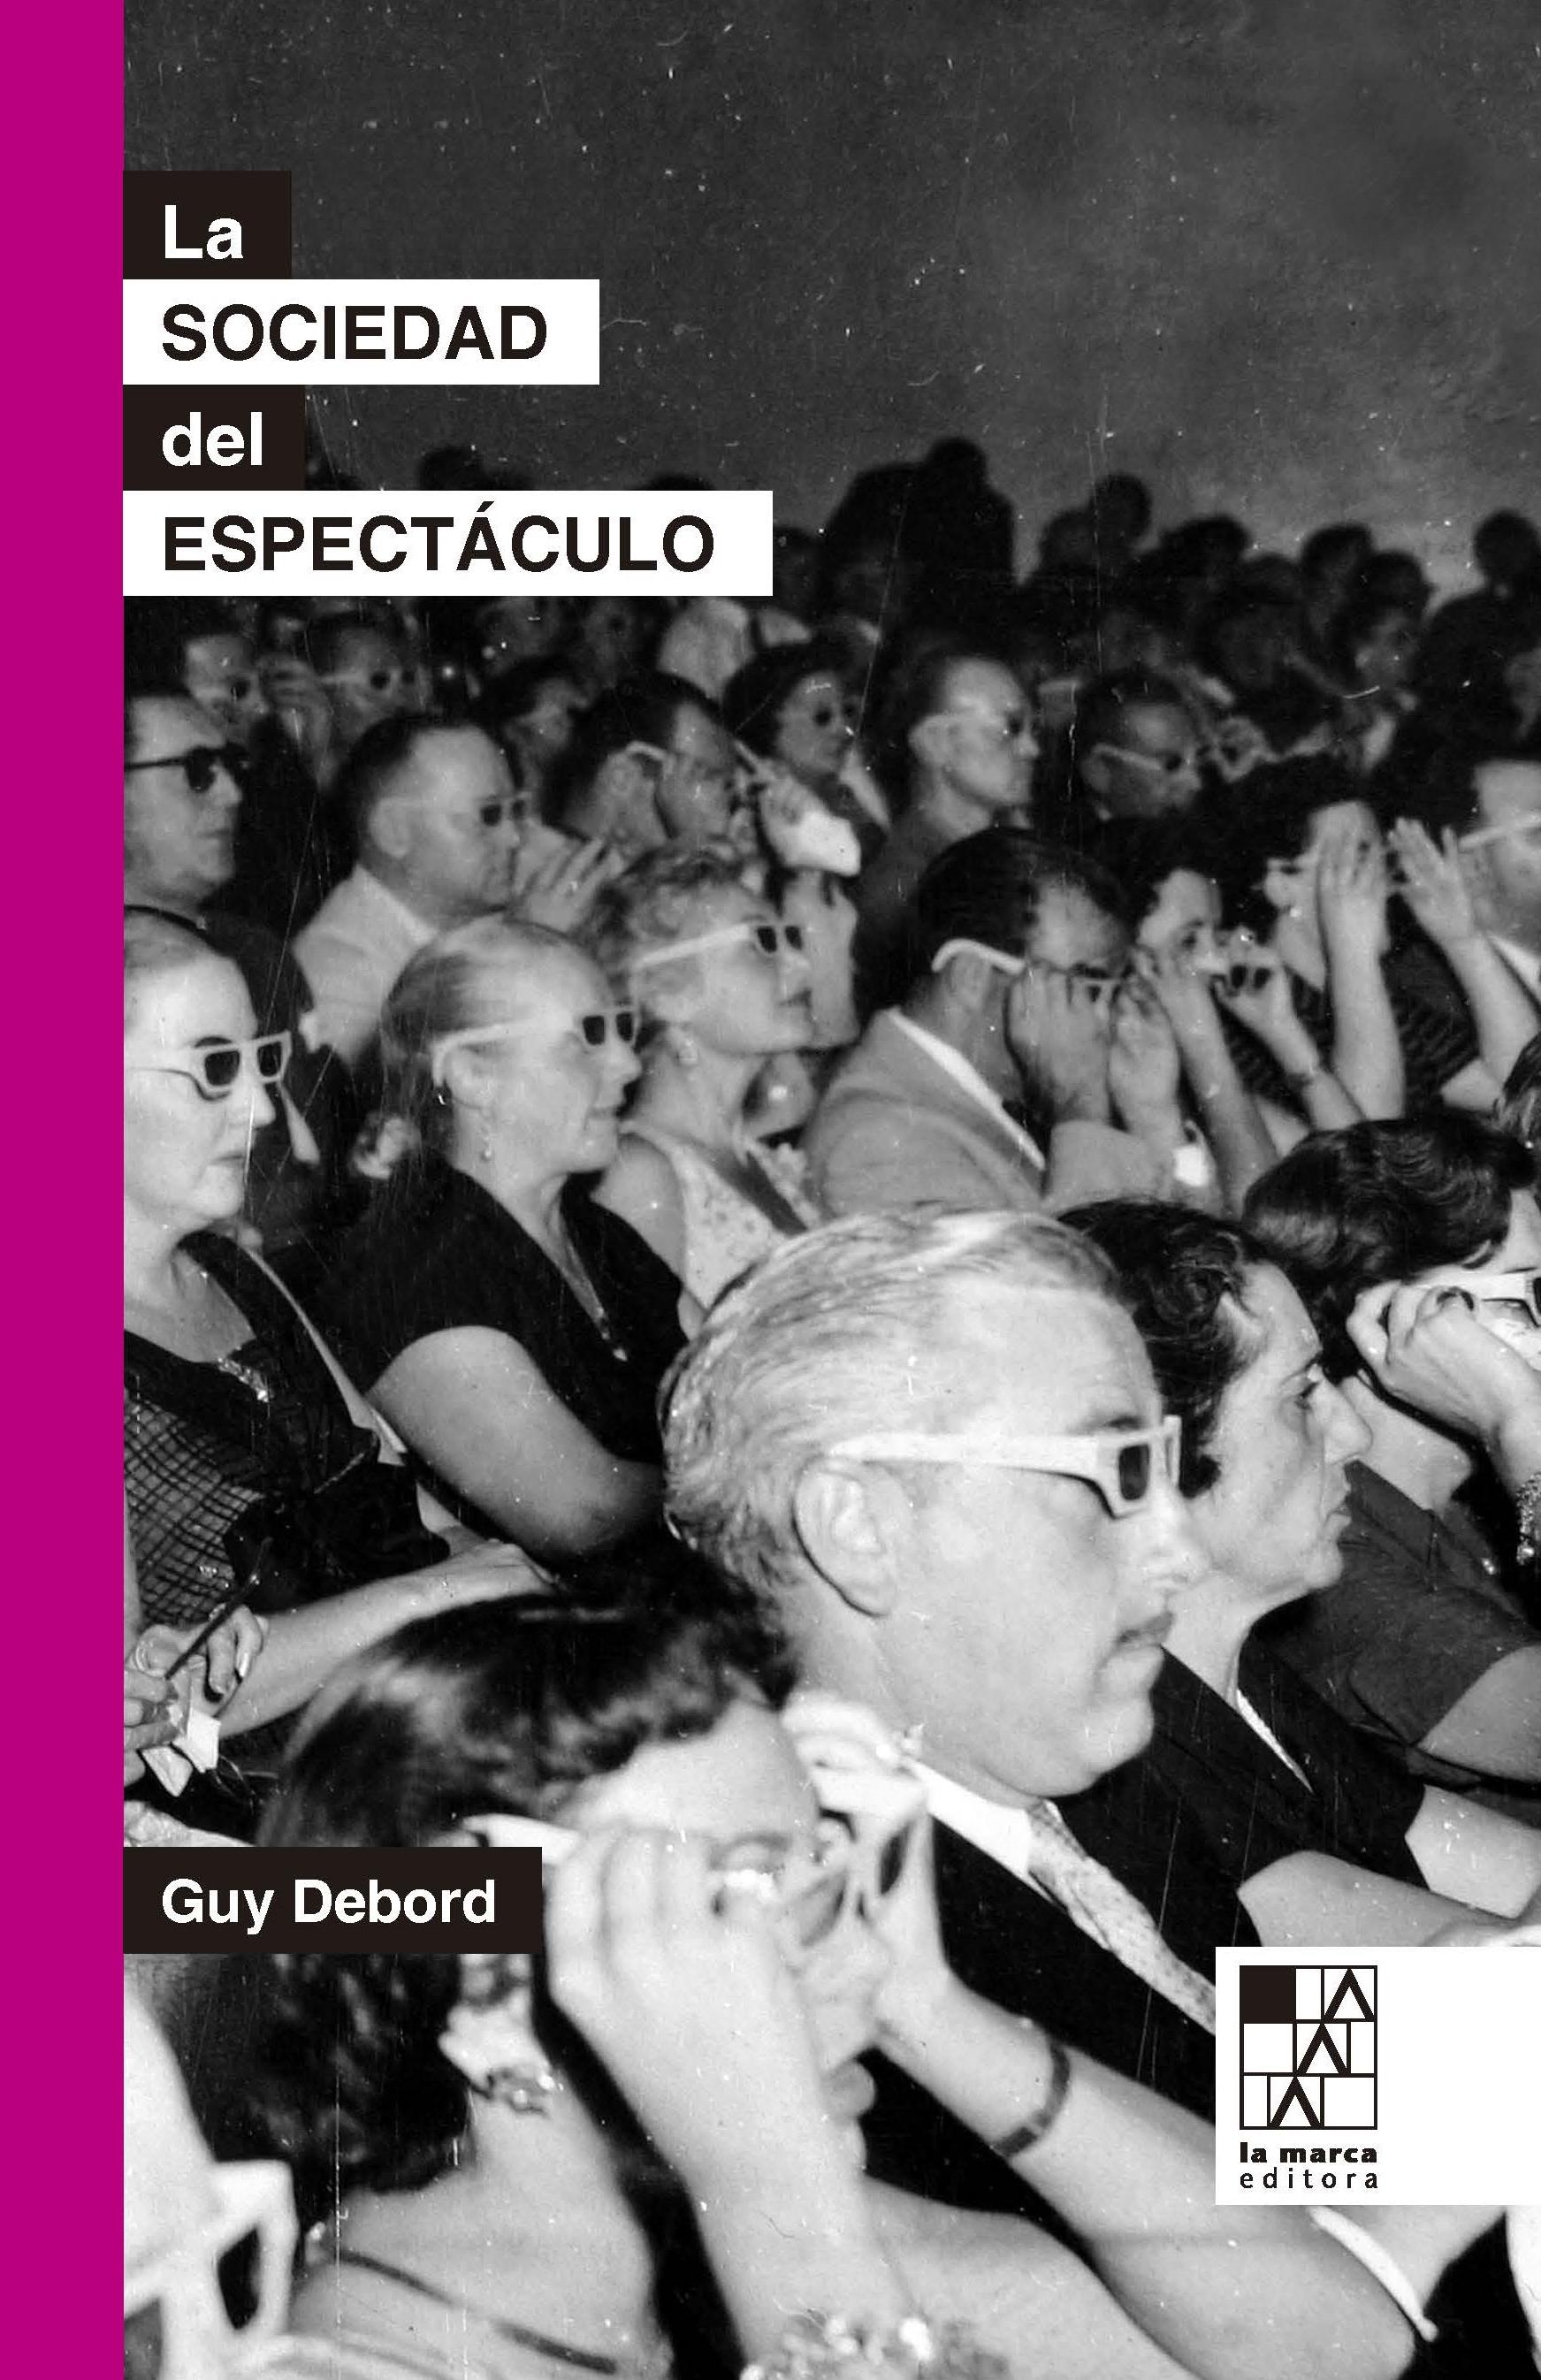 La sociedad del espectáculo [Edición especial] de Guy Debord - la marca  editora